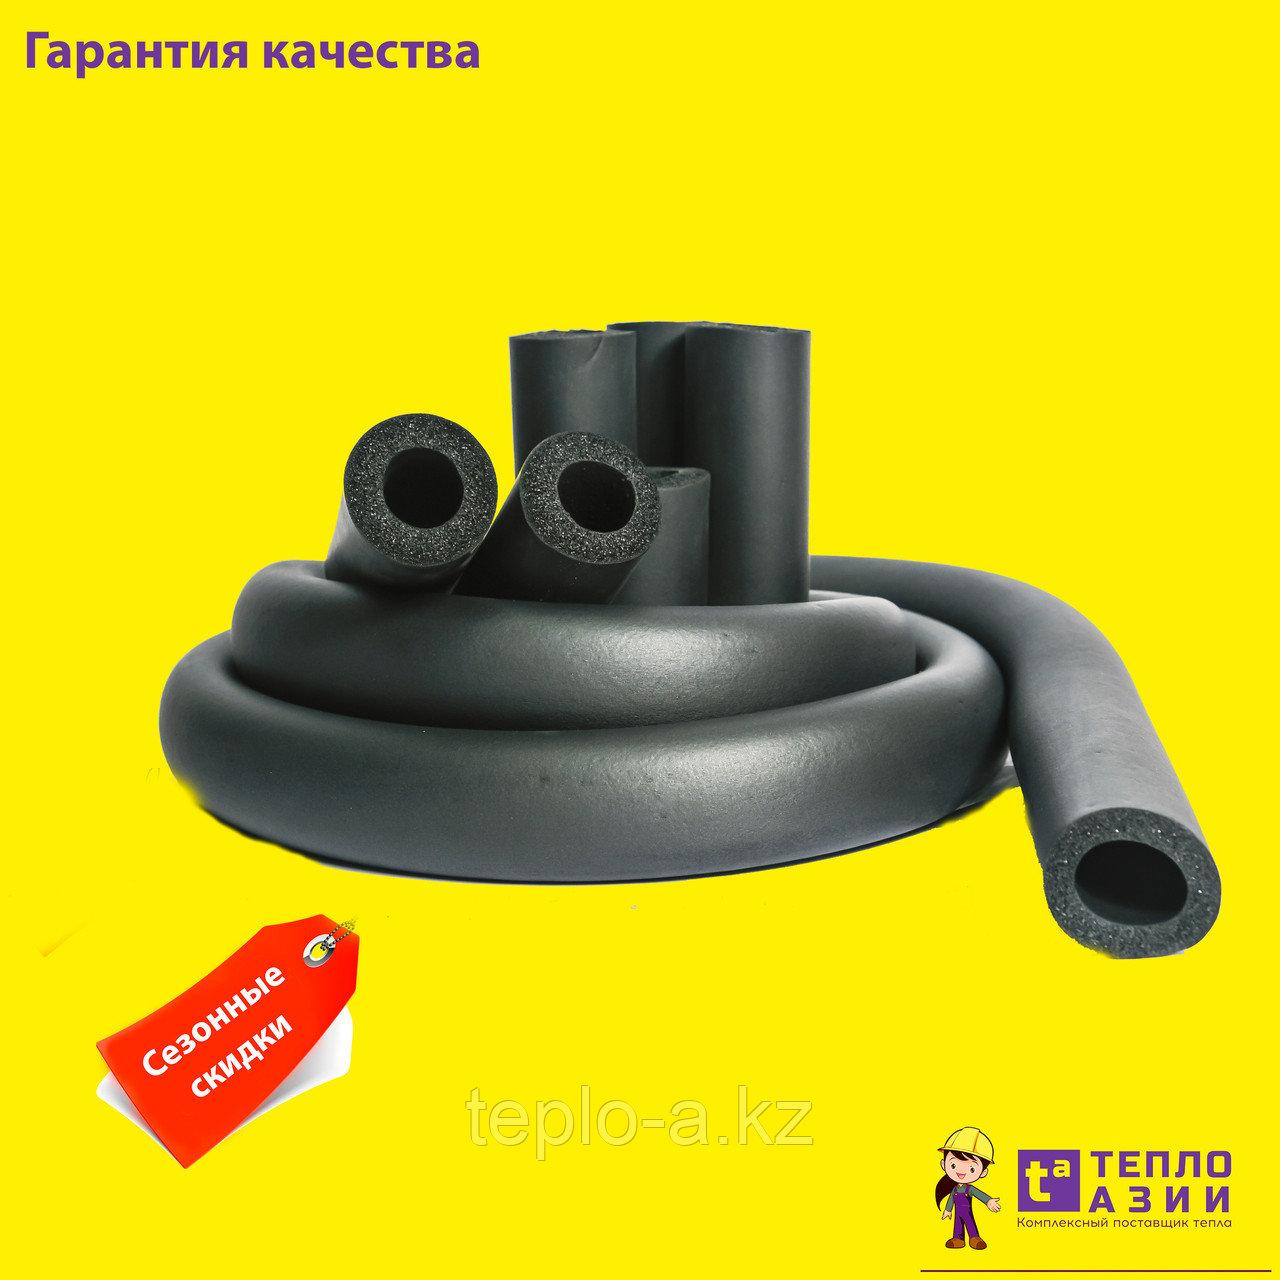 Каучуковая трубчатая изоляция, марки  Misot-Flex ST, толщиной 9 мм ,диаметром от 6 до 160мм